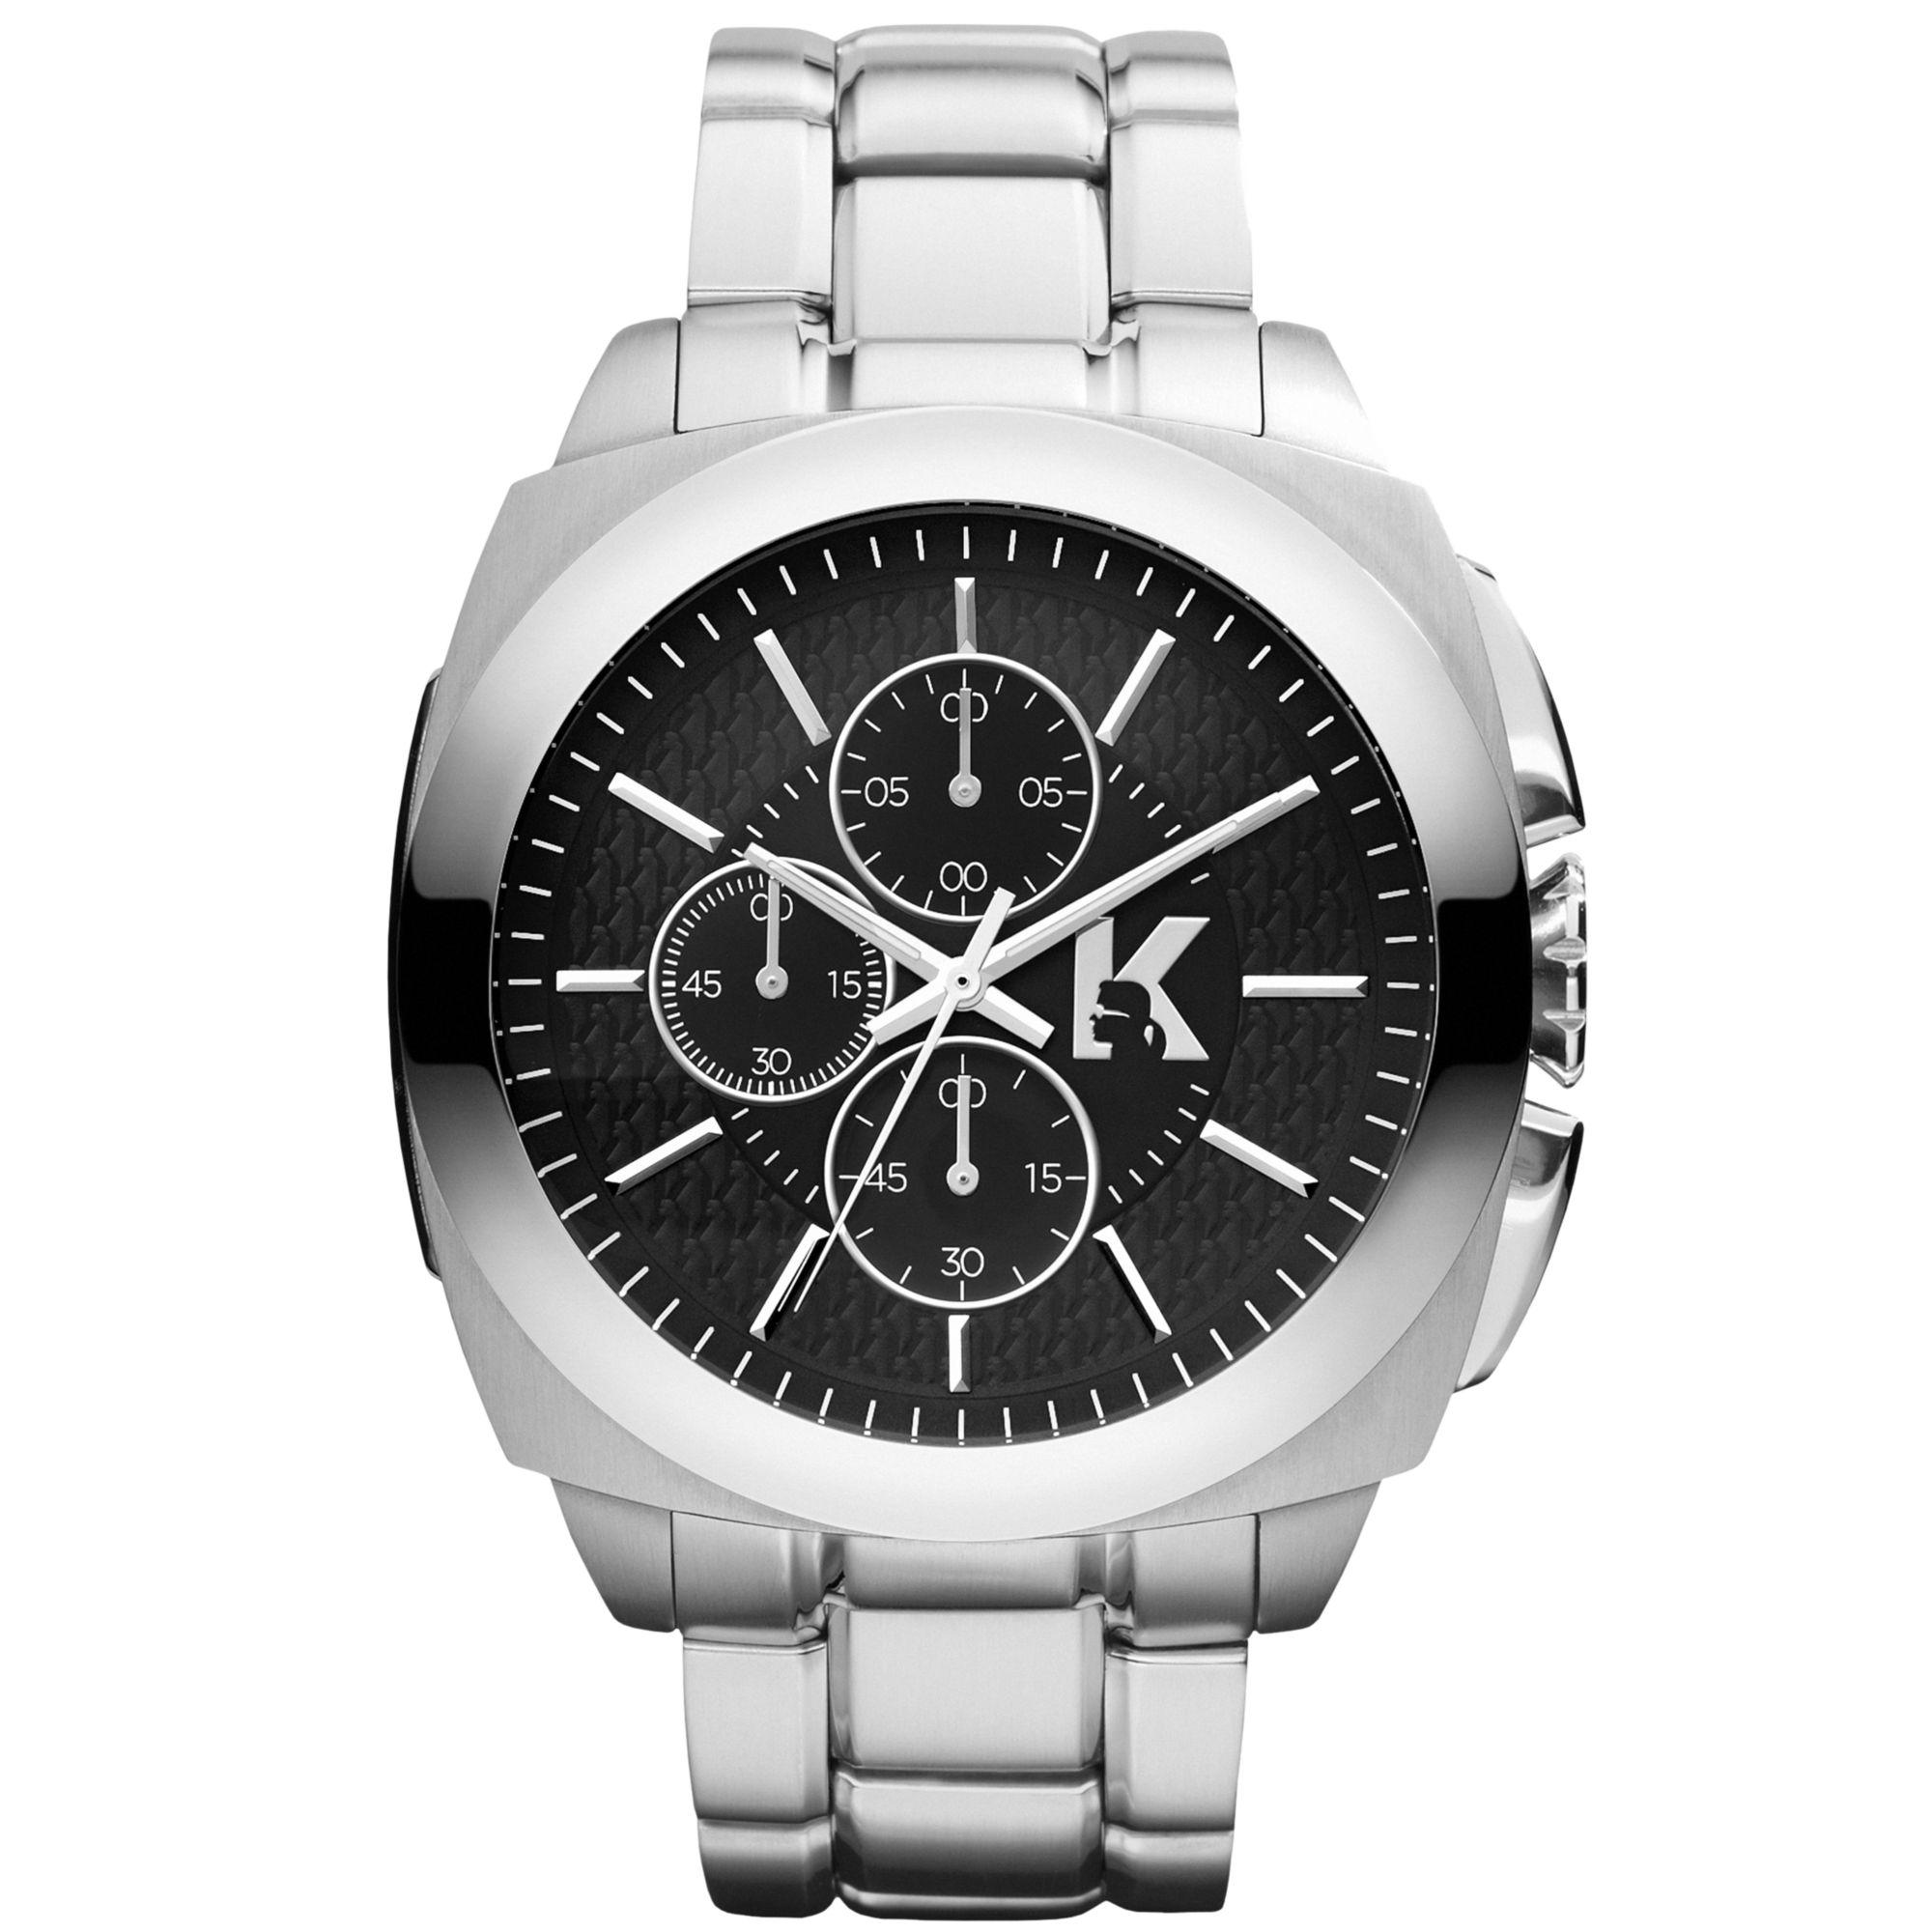 karl lagerfeld unisex chronograph stainless steel bracelet